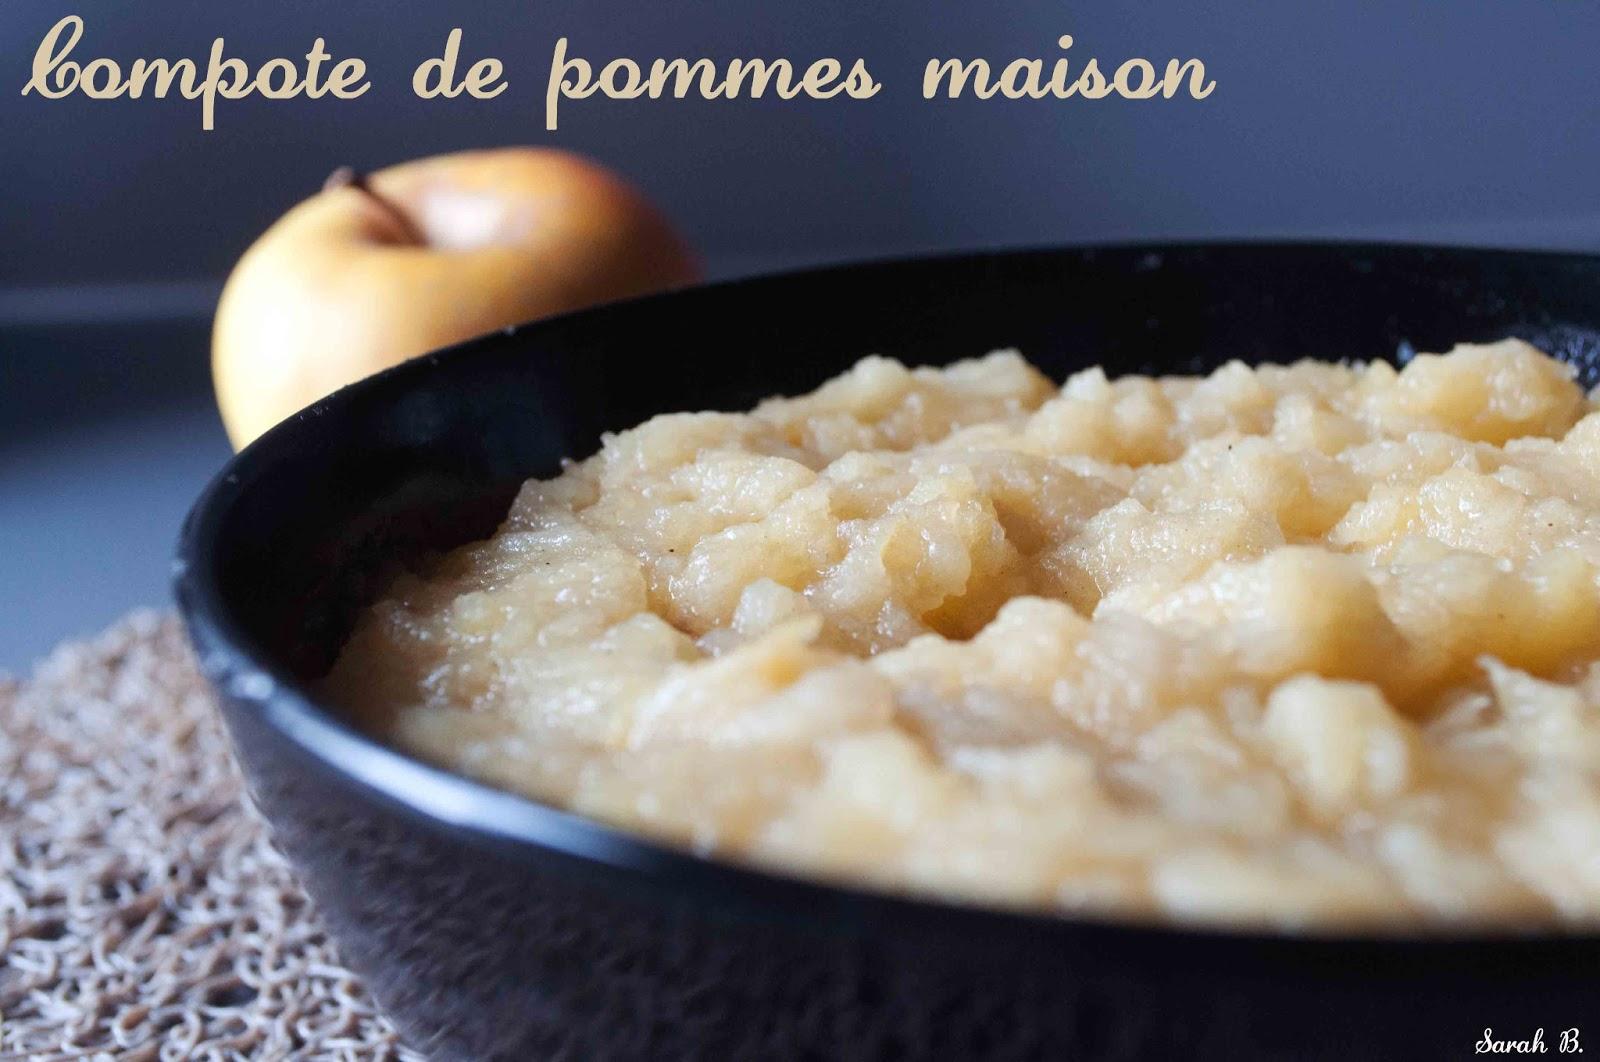 Compote de pommes maison blogs de cuisine - Compote de poire maison ...